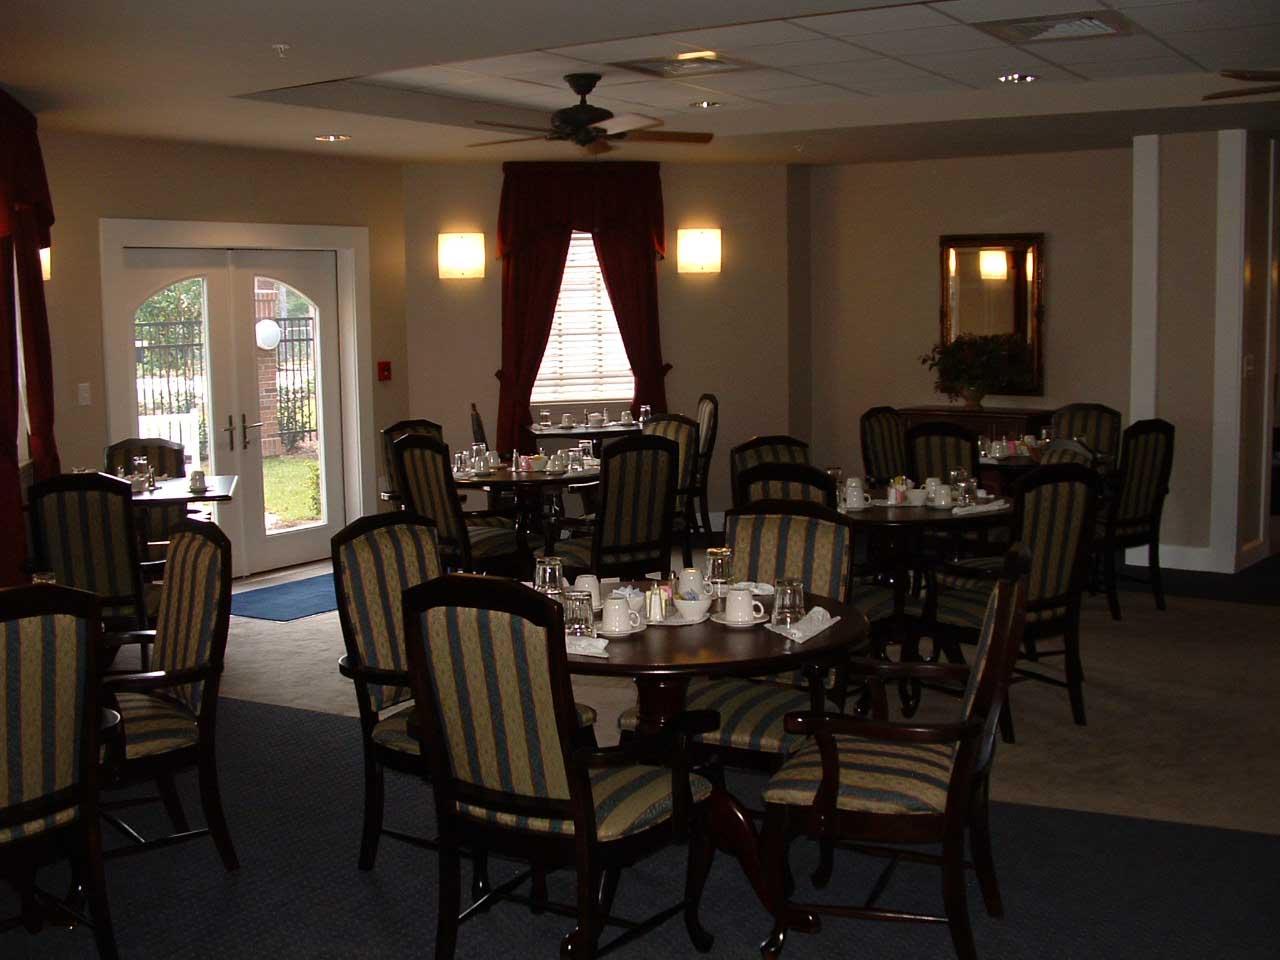 dining design house designs. Black Bedroom Furniture Sets. Home Design Ideas